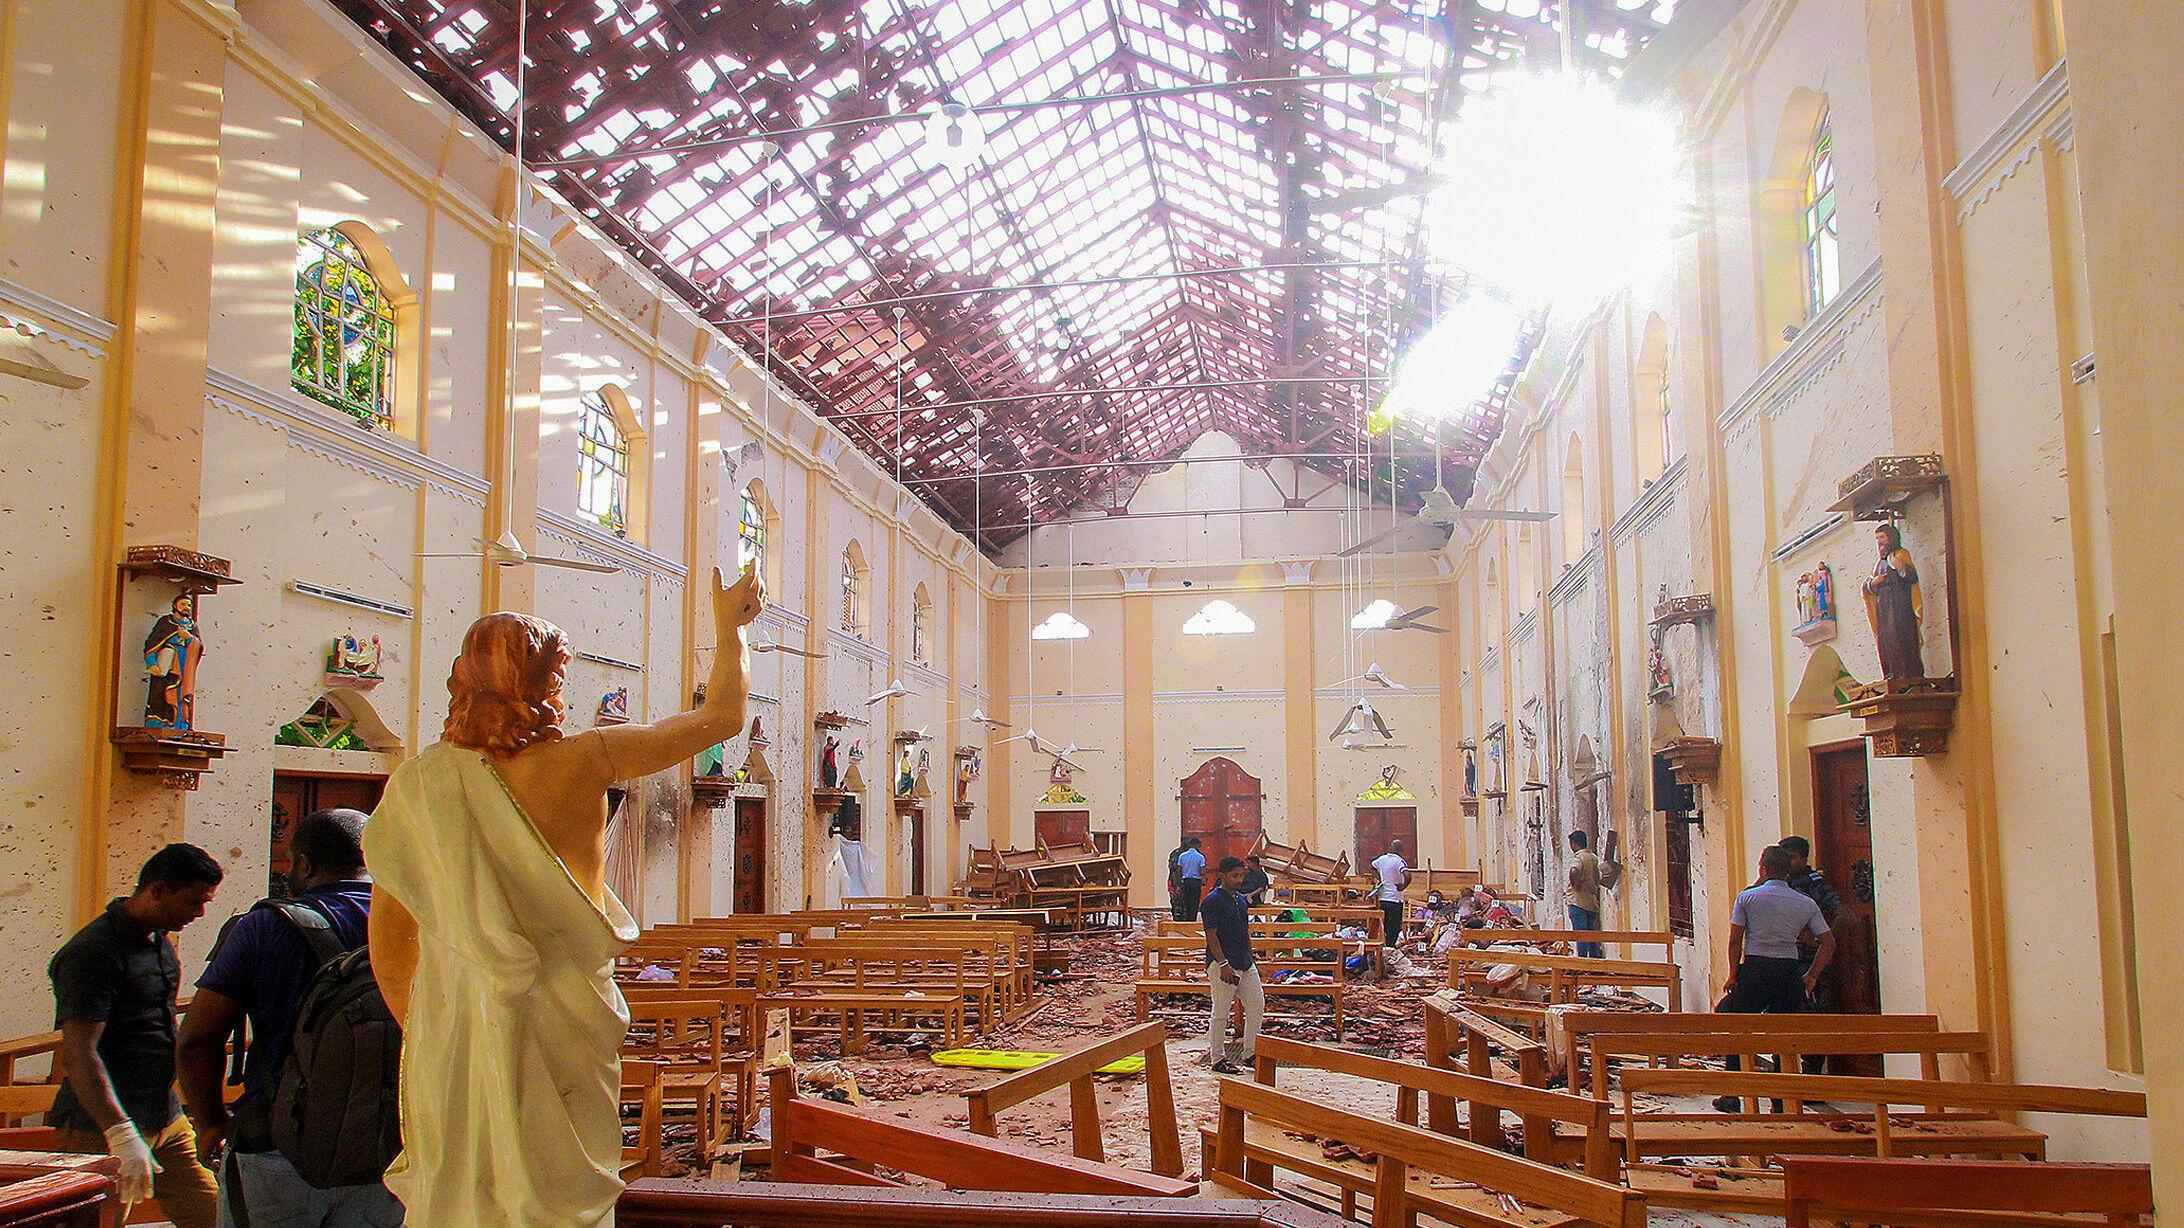 Las autoridades inspeccionan el lugar, tras la explosión de una bomba en el interior de la Iglesia de San Sebastián en Negombo, Sri Lanka, el 21 de abril de 2019.